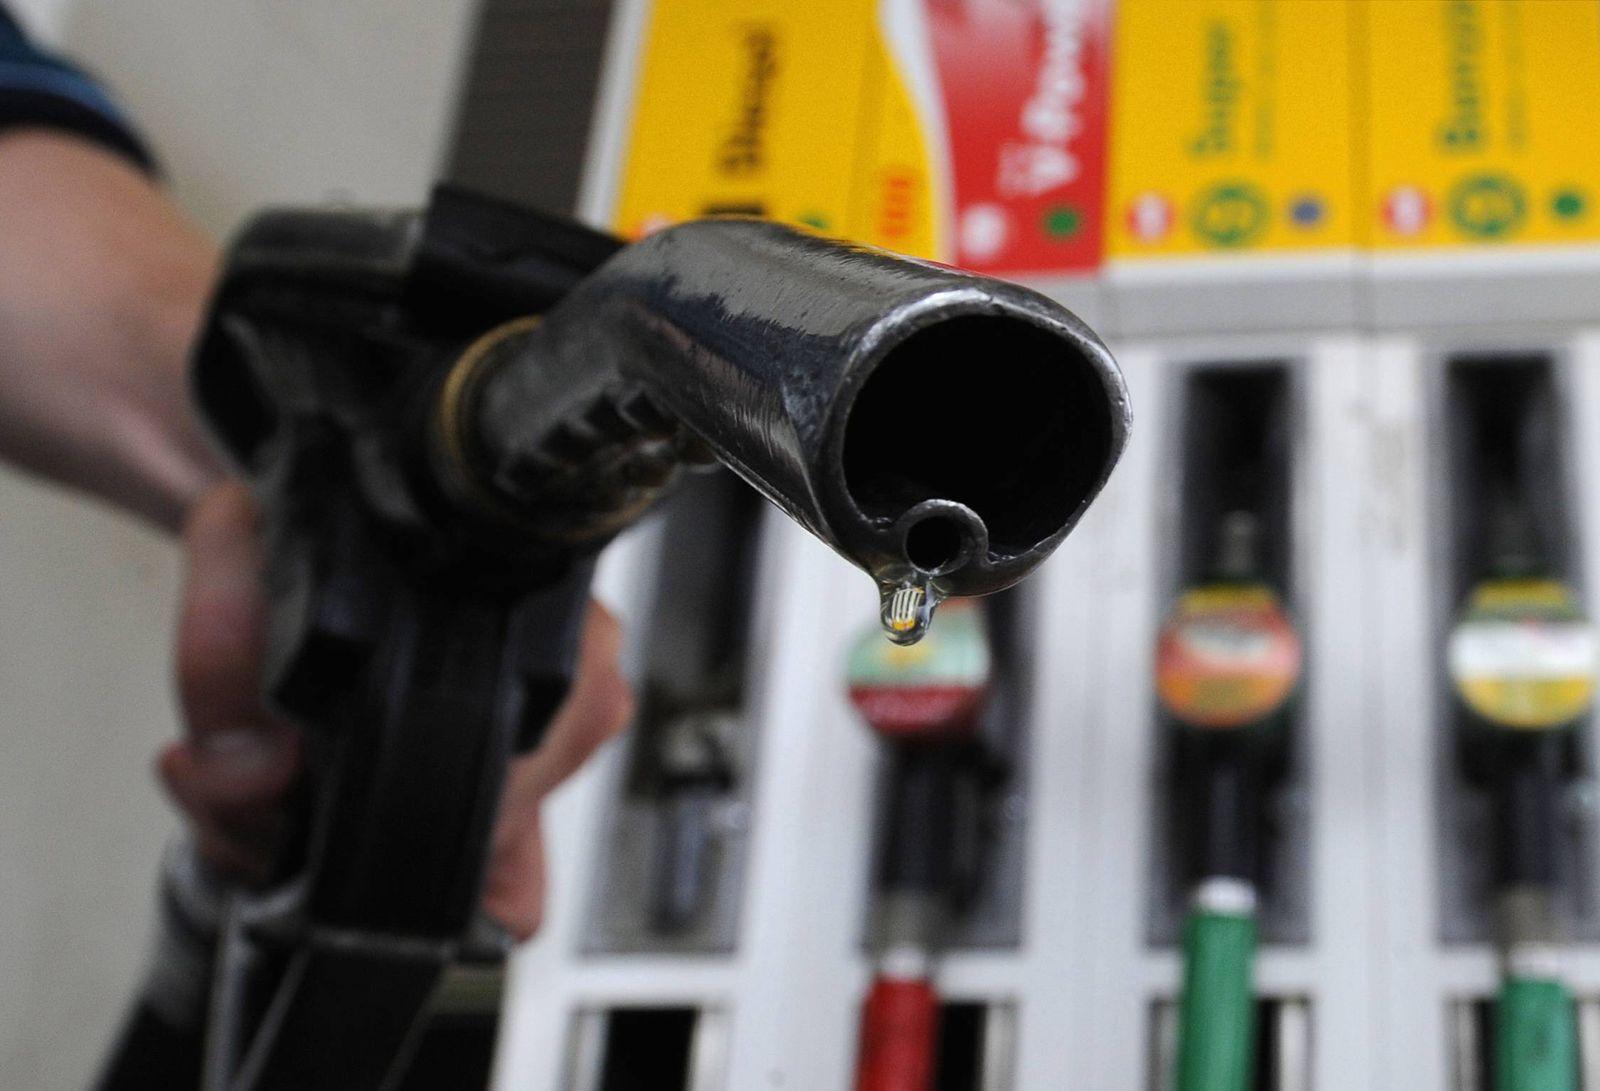 NICHT VERWENDEN Benzinpreise